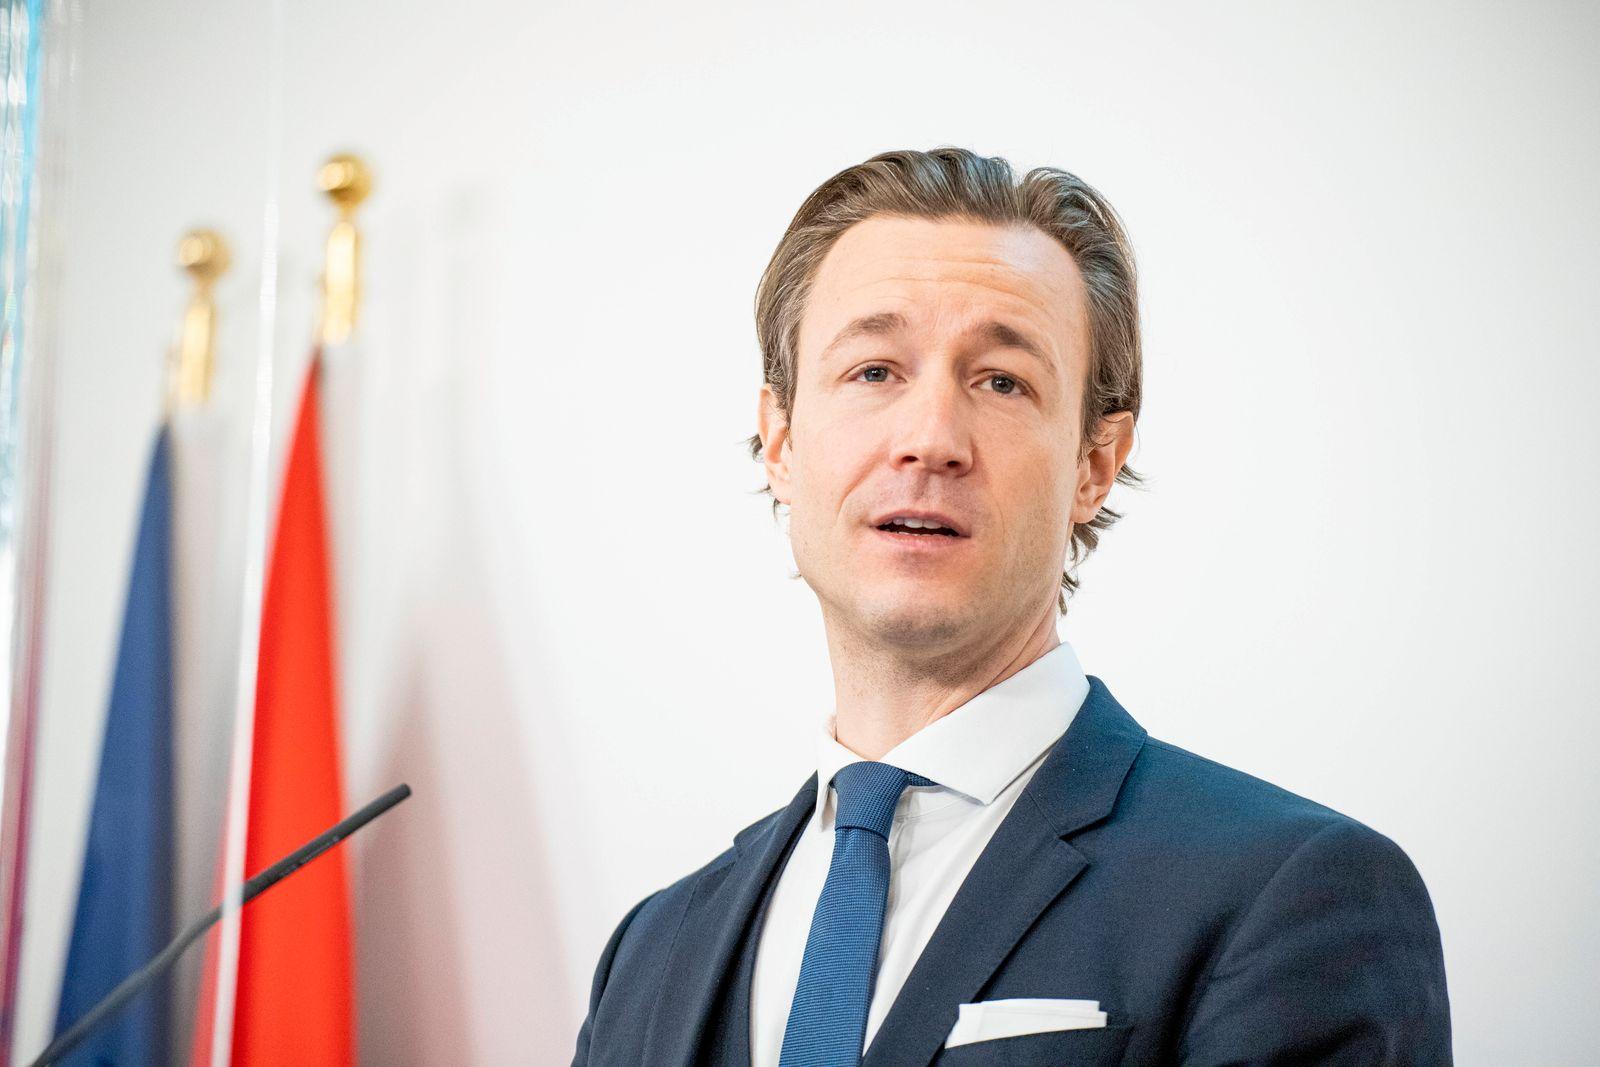 Pressekonferenz im Bundeskanzleramt Wien: Standort und Beschäftigung *** Press conference in the Federal Chancellery Vi